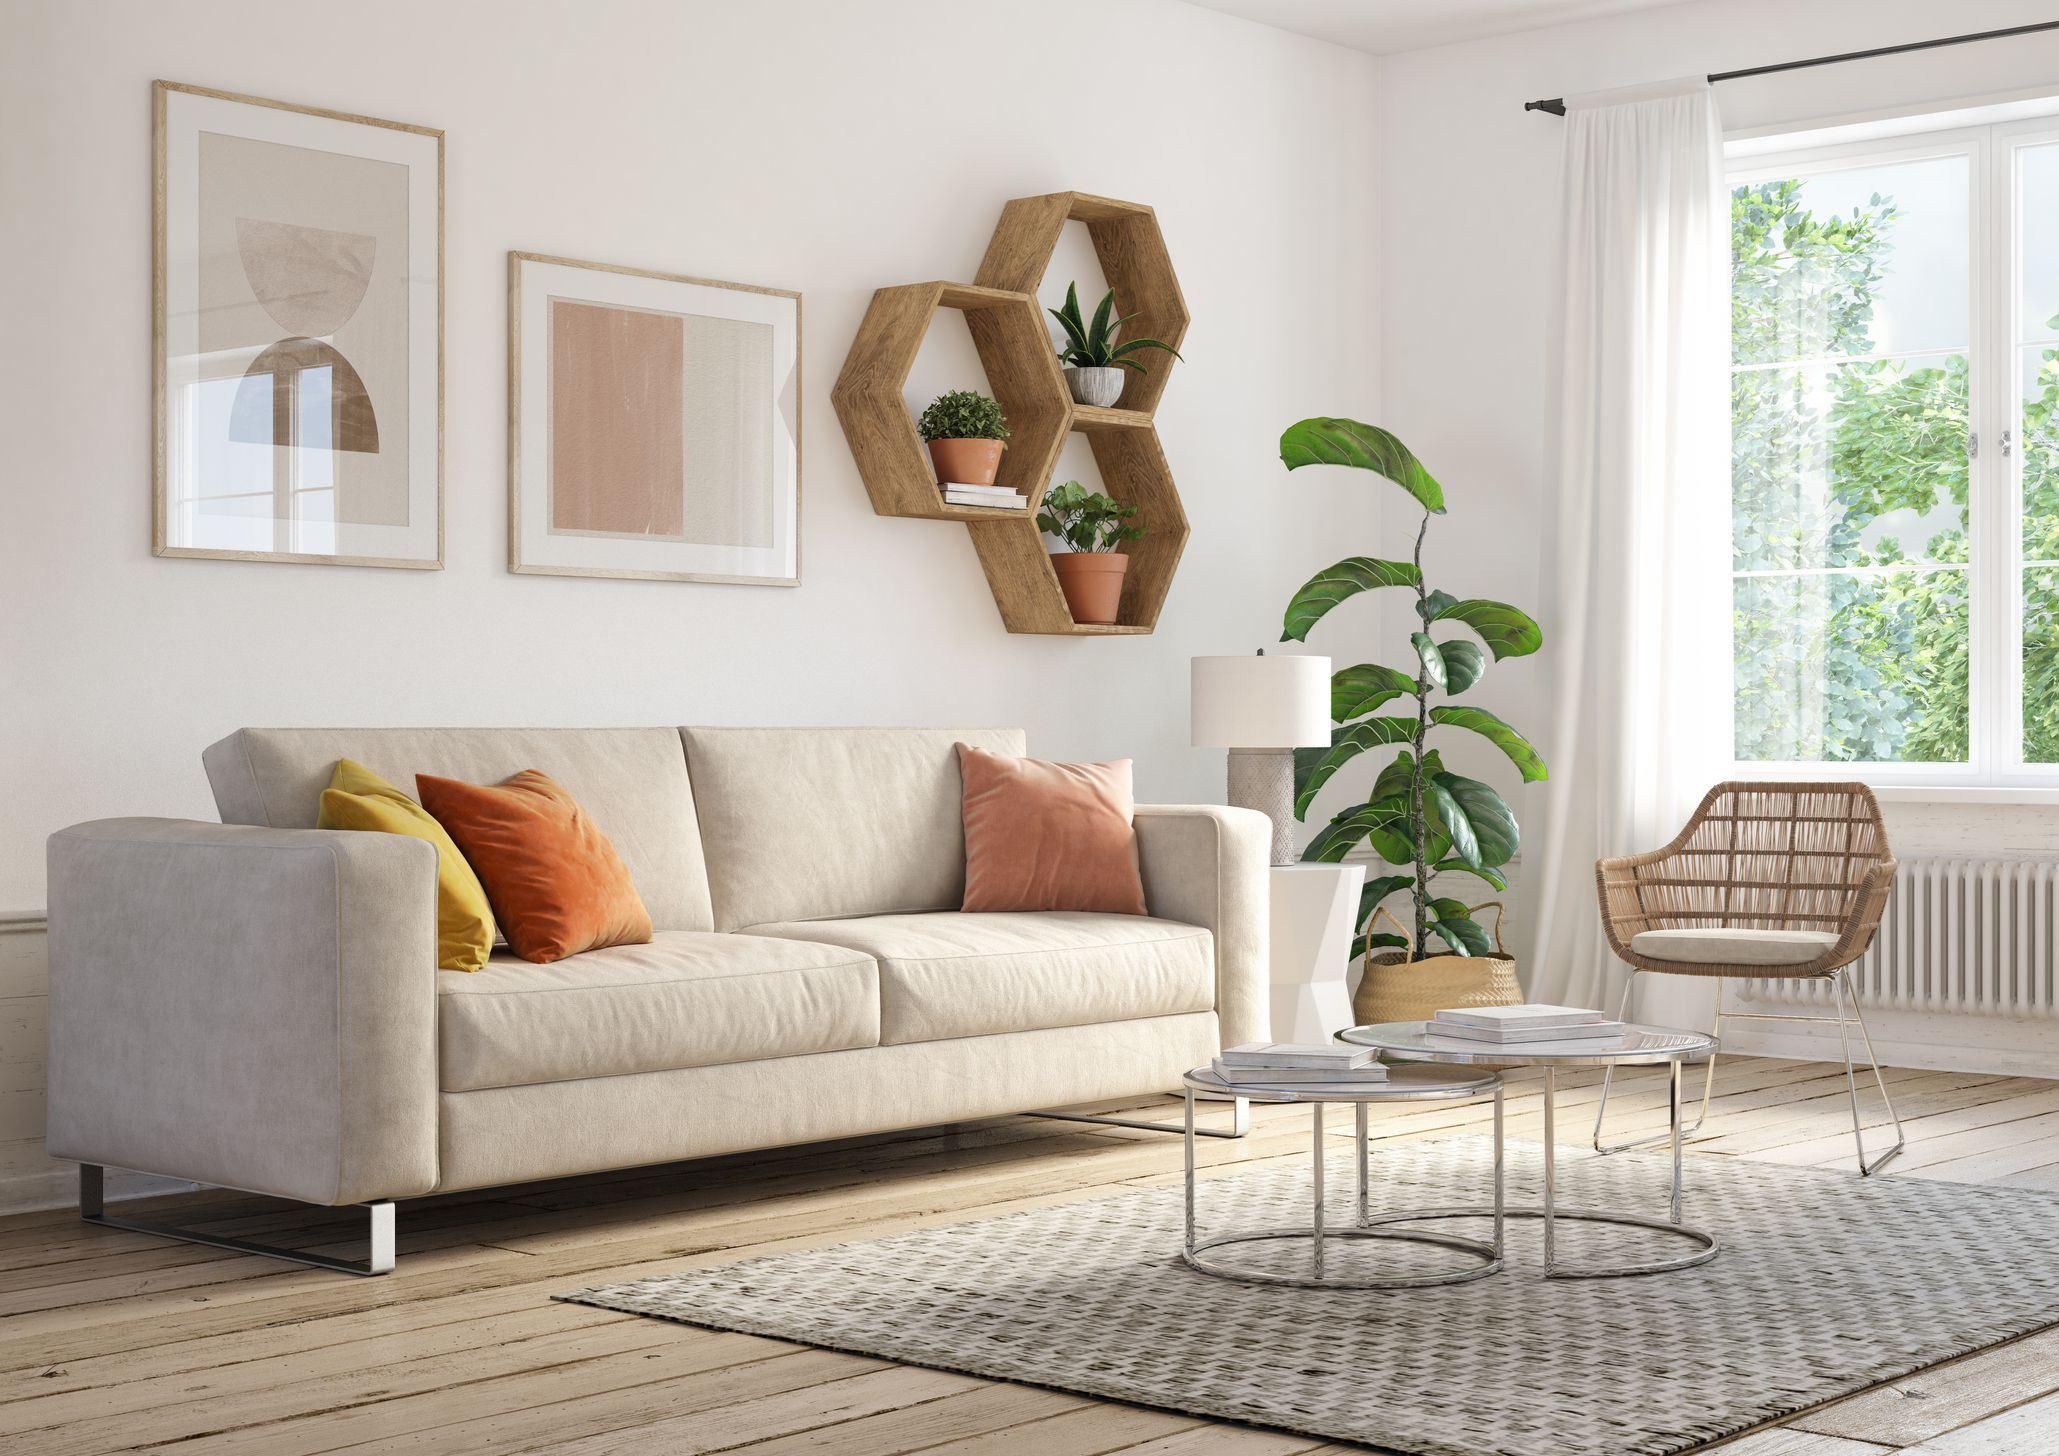 mahu rumah sentiasa bersih dan wangi, boleh cuba empat langkah mudah ni!